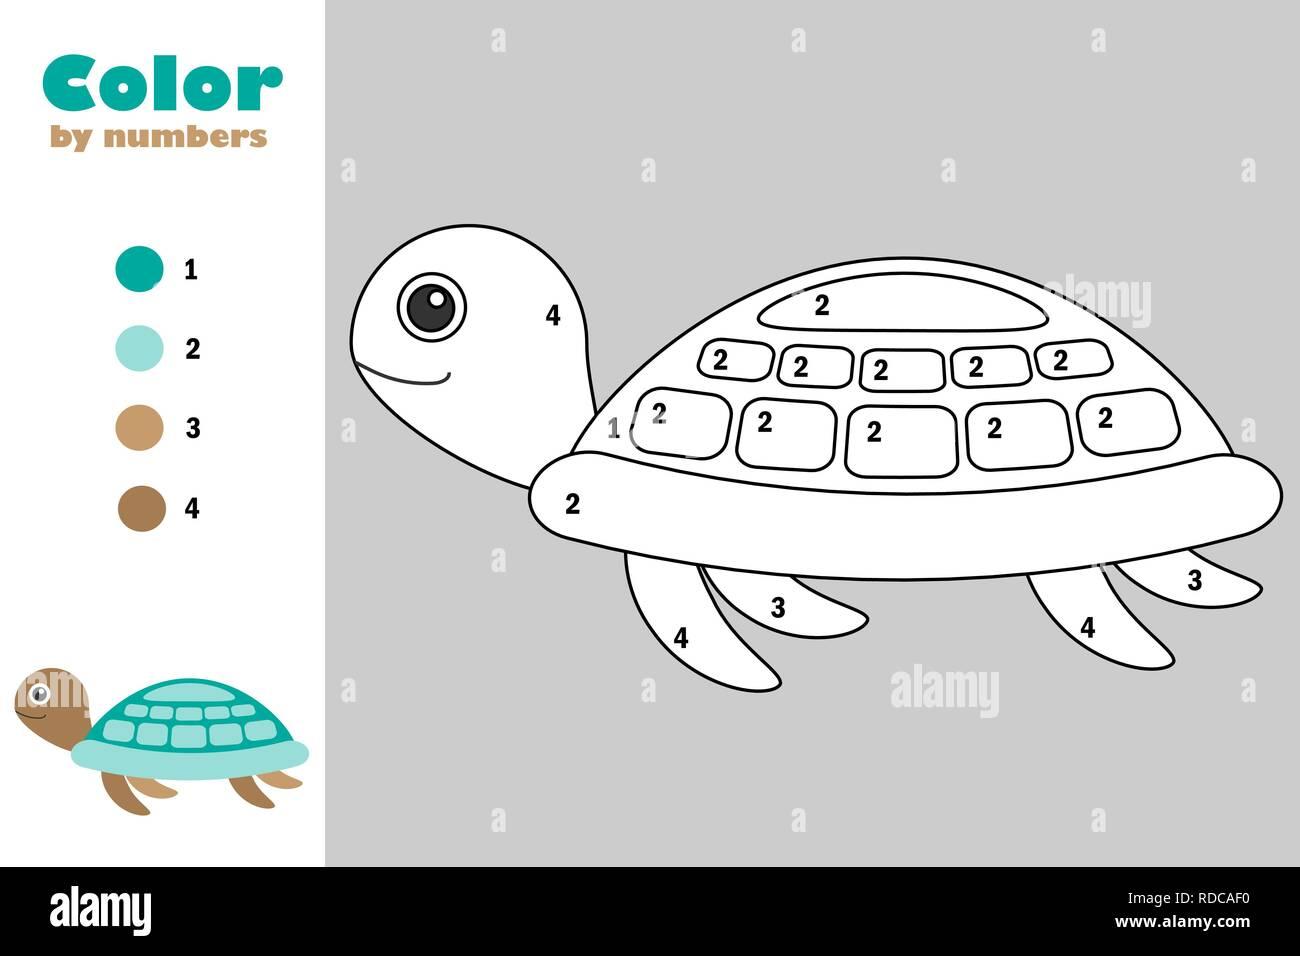 Tortuga En Estilo De Dibujos Animados Color Por Número Papel Del